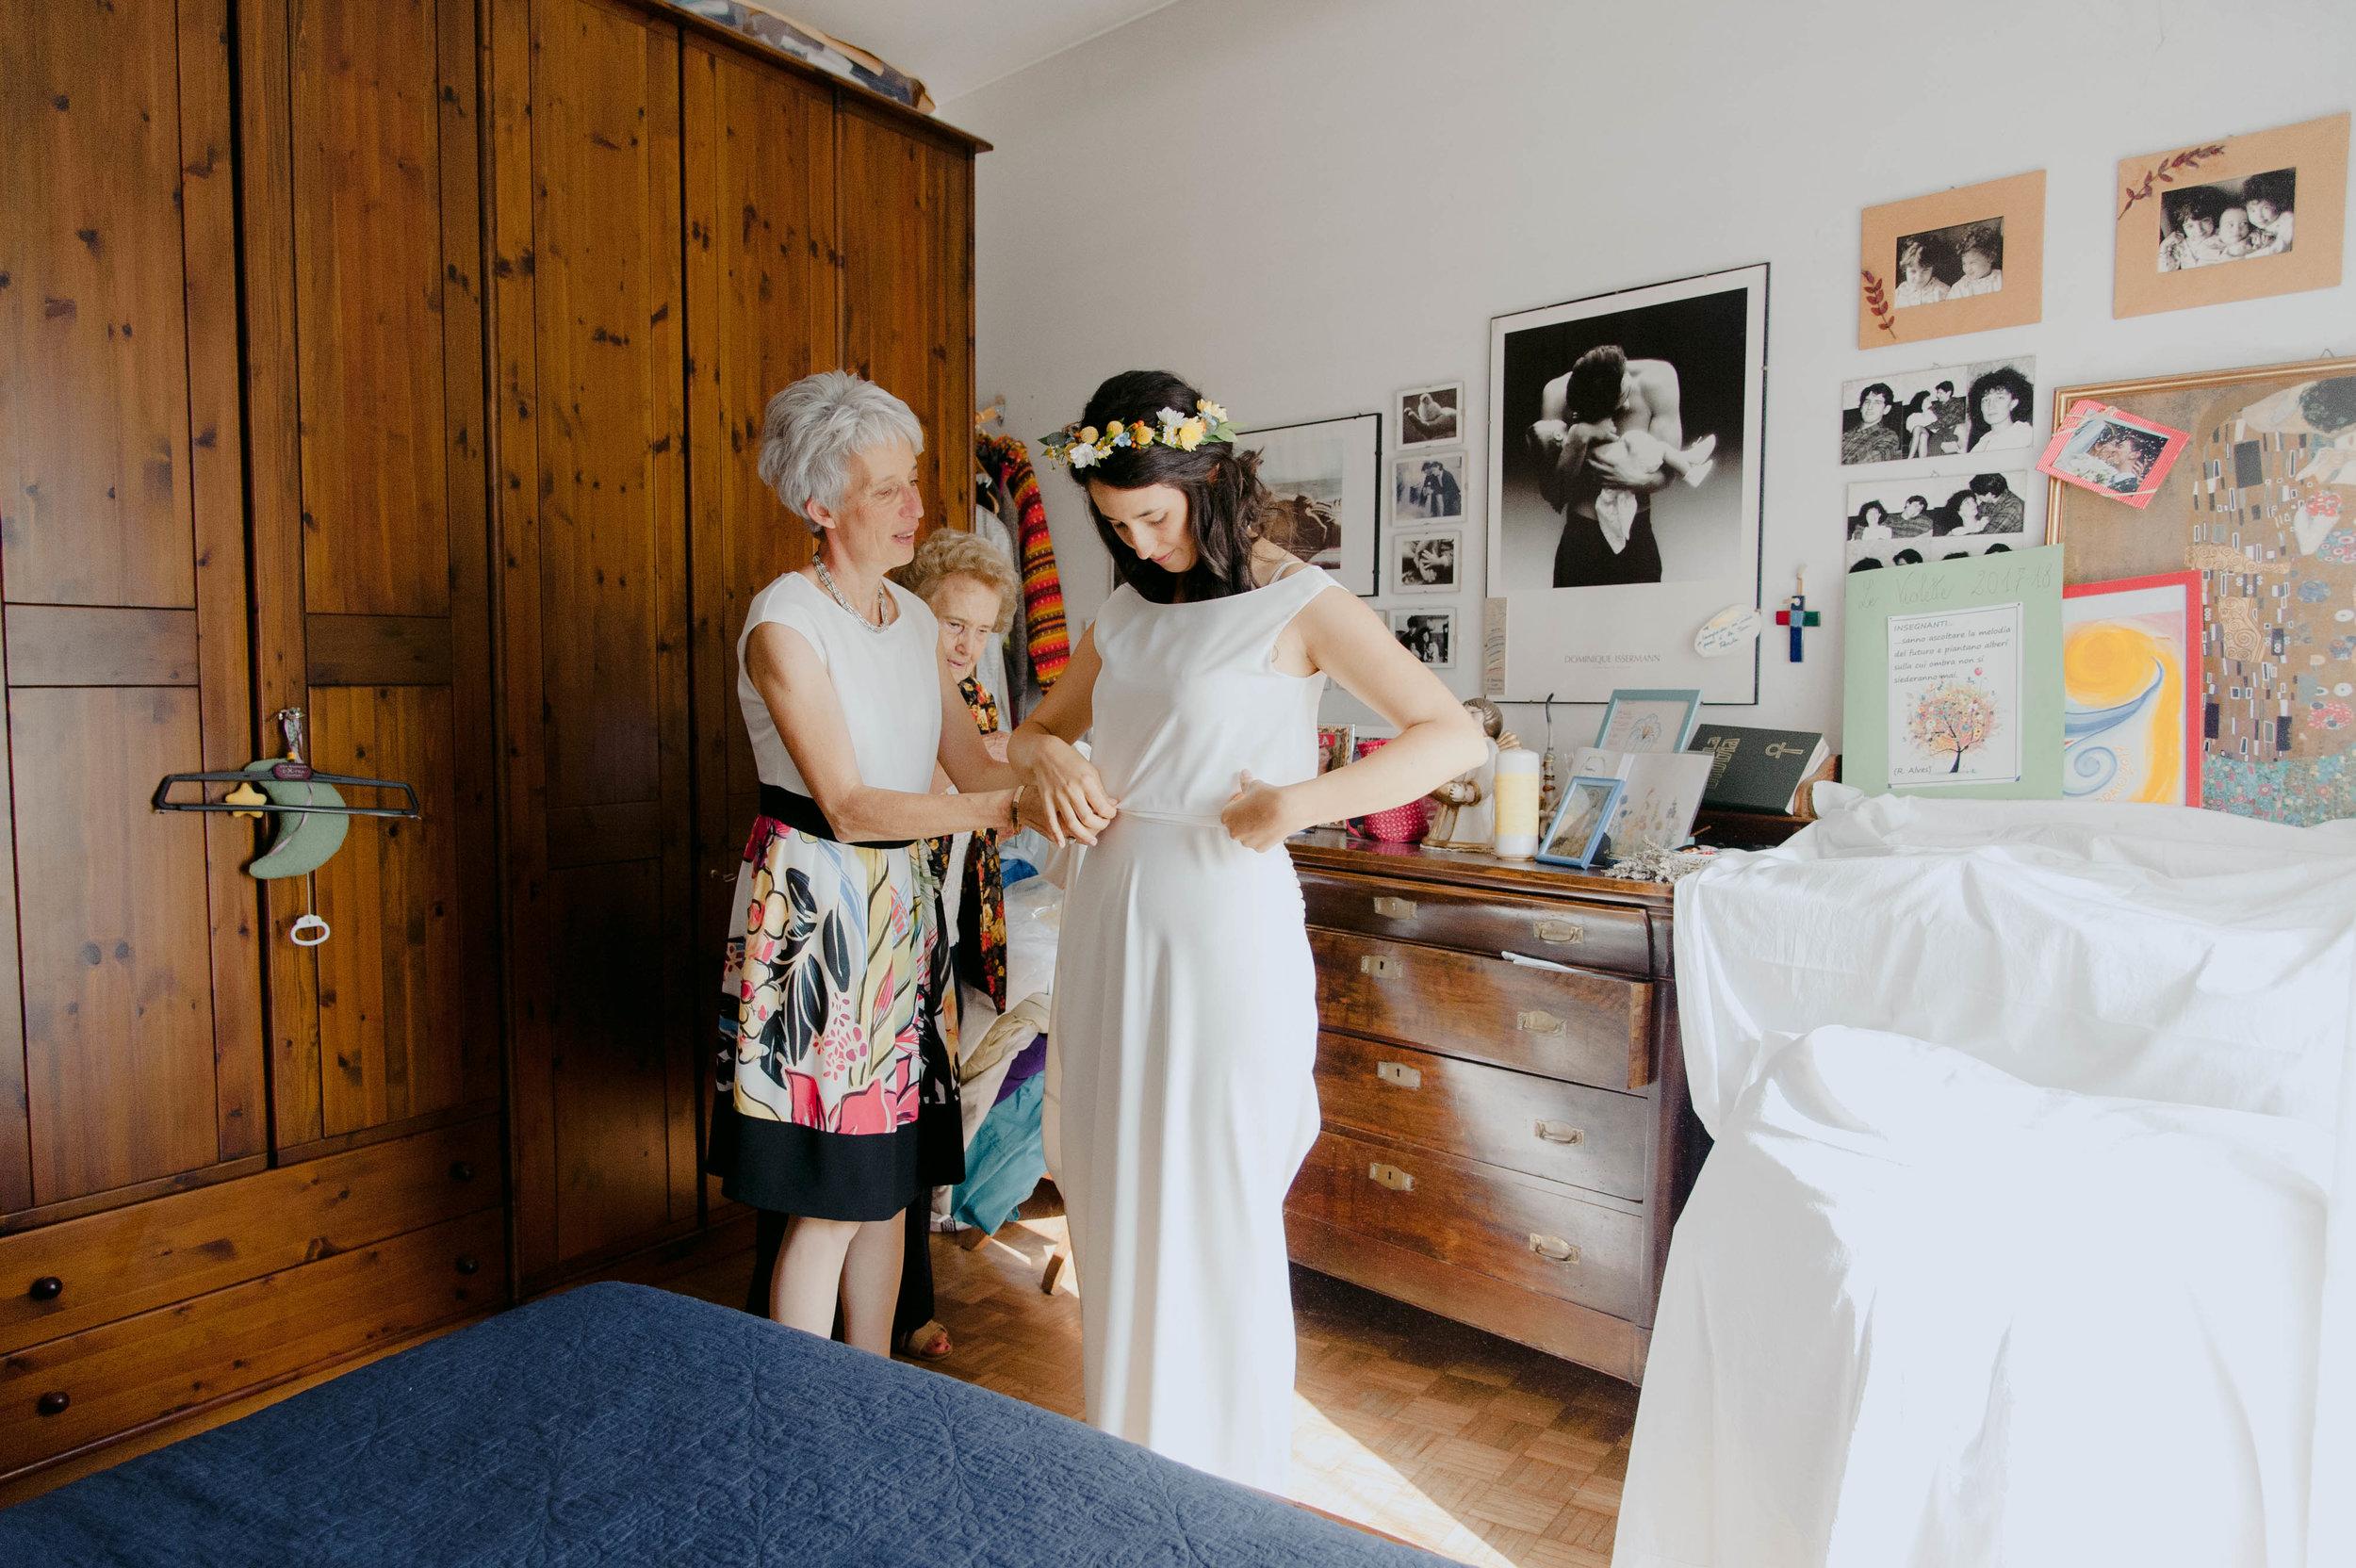 086 - Preparazione sposa.JPG